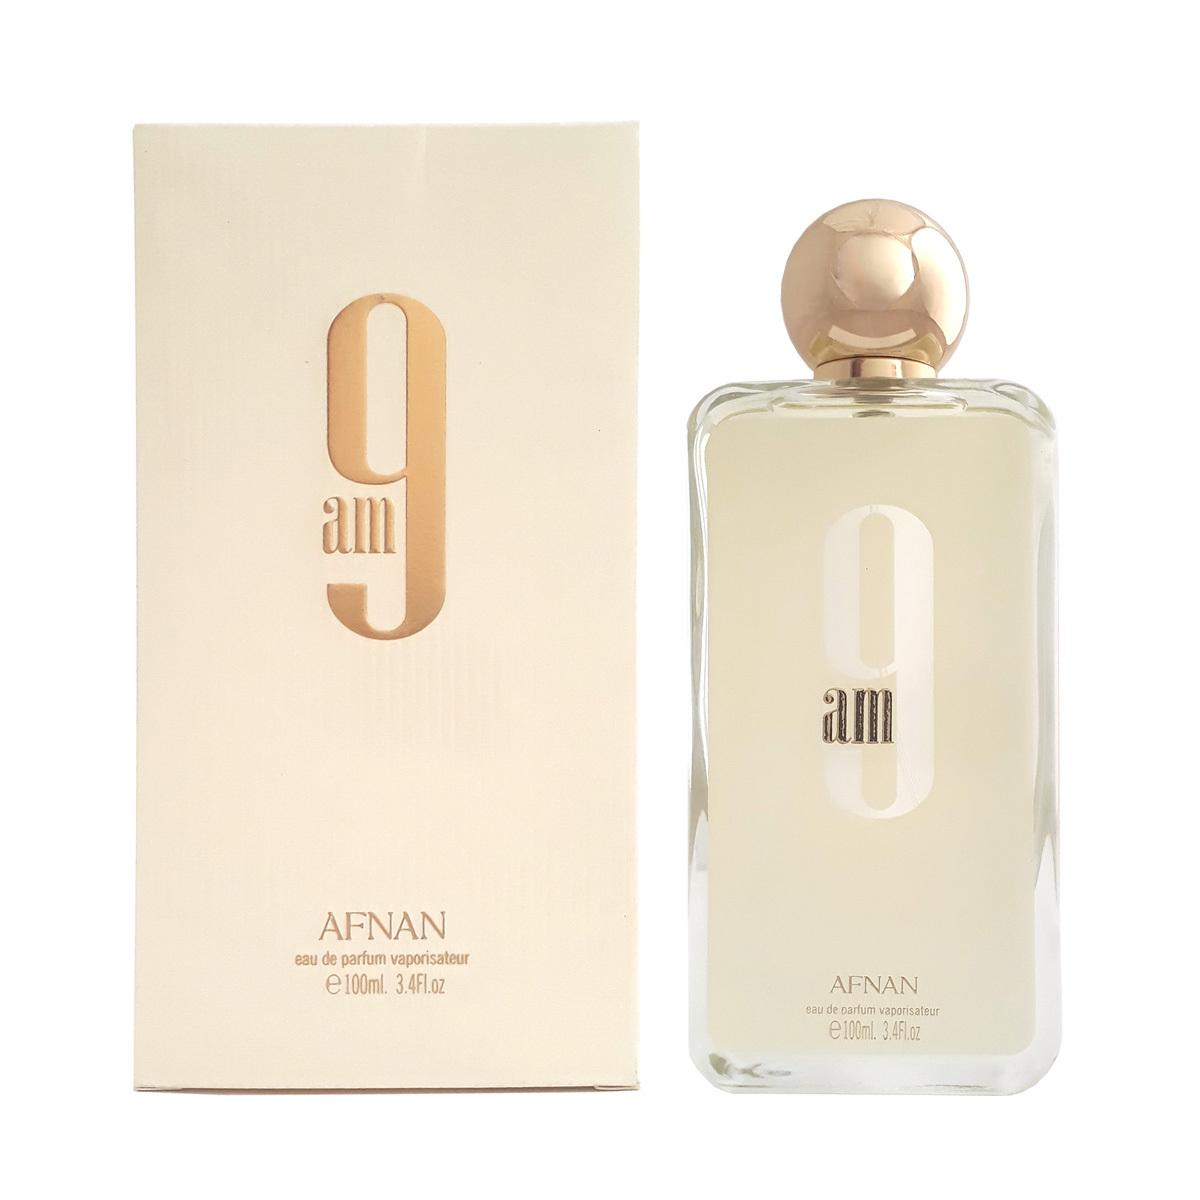 9 AM u EDP 100 ML спрей от Афнан Парфюм Afnan Perfumes